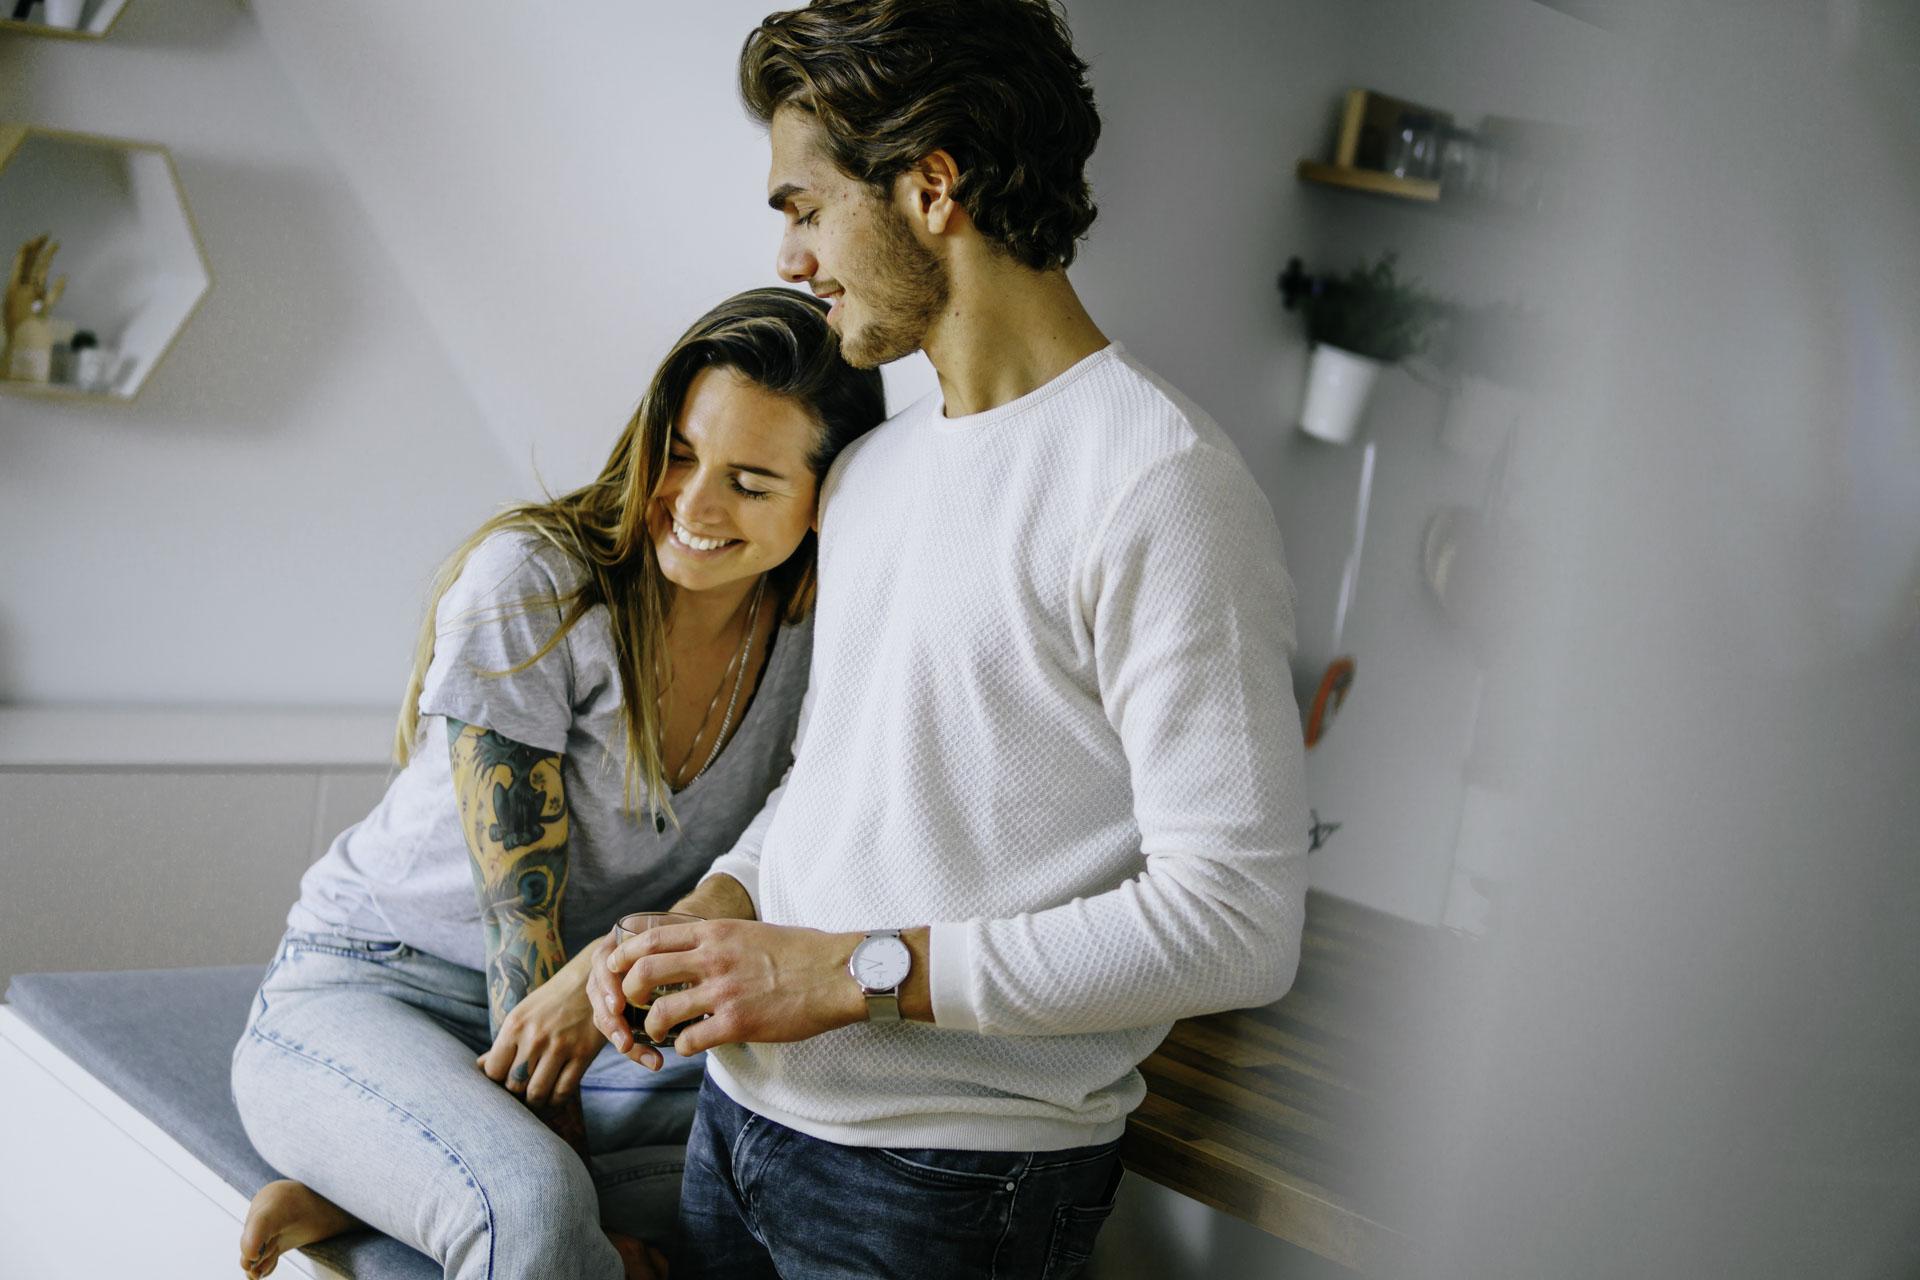 Couple Shots mit einem jungen Paar am Küchentisch